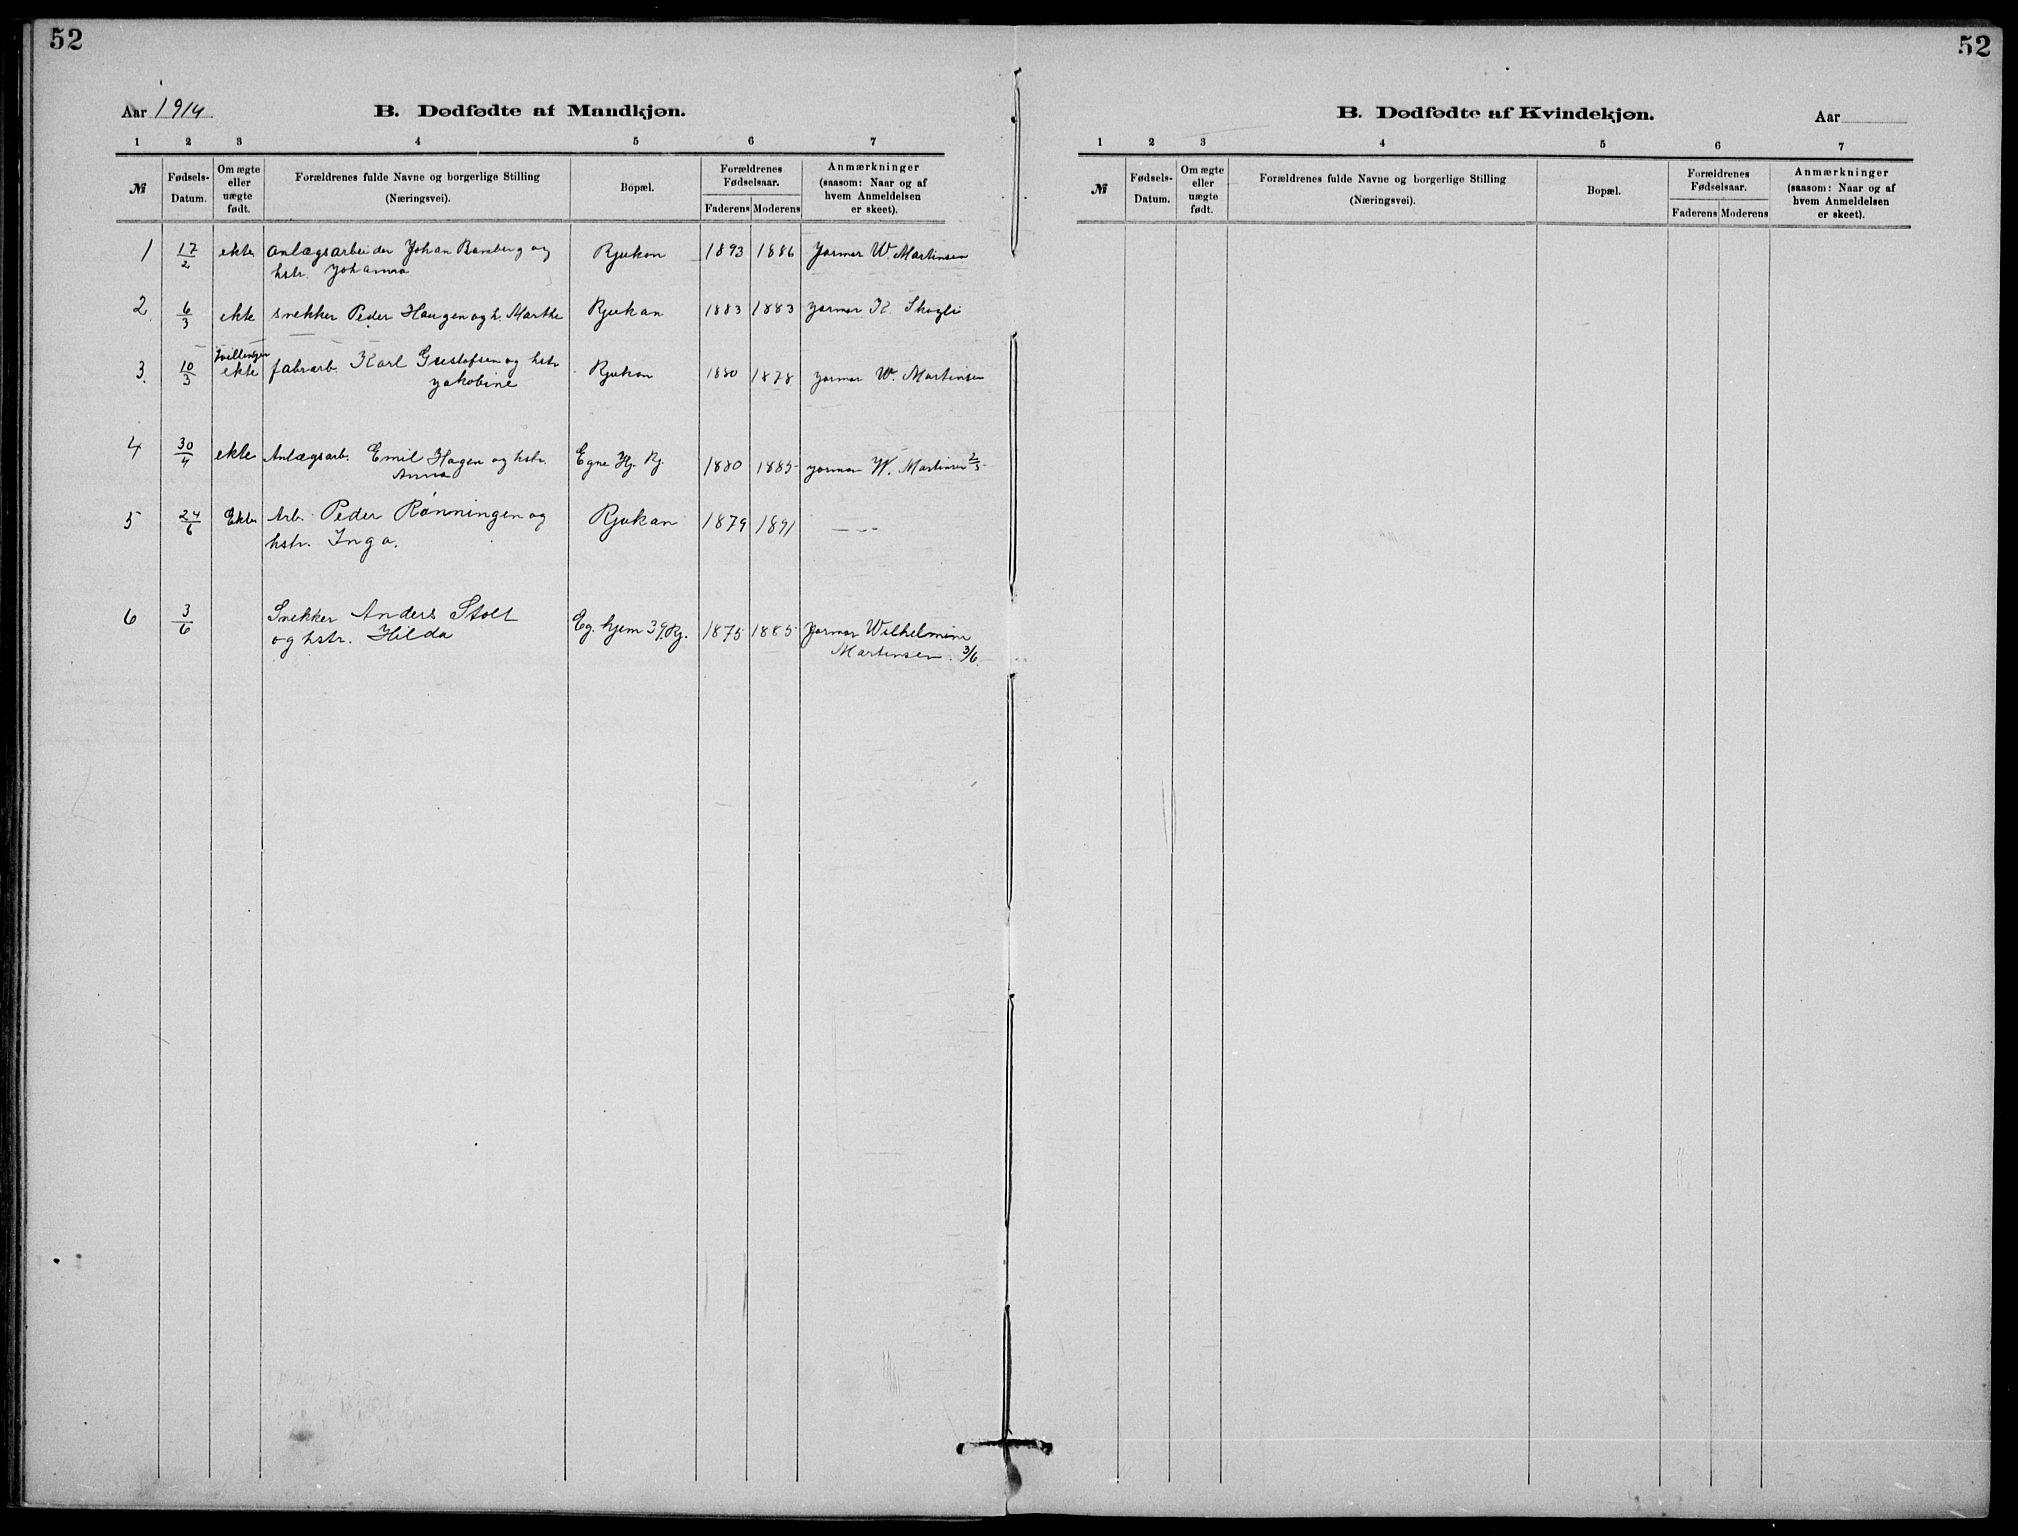 SAKO, Rjukan kirkebøker, G/Ga/L0001: Klokkerbok nr. 1, 1880-1914, s. 52